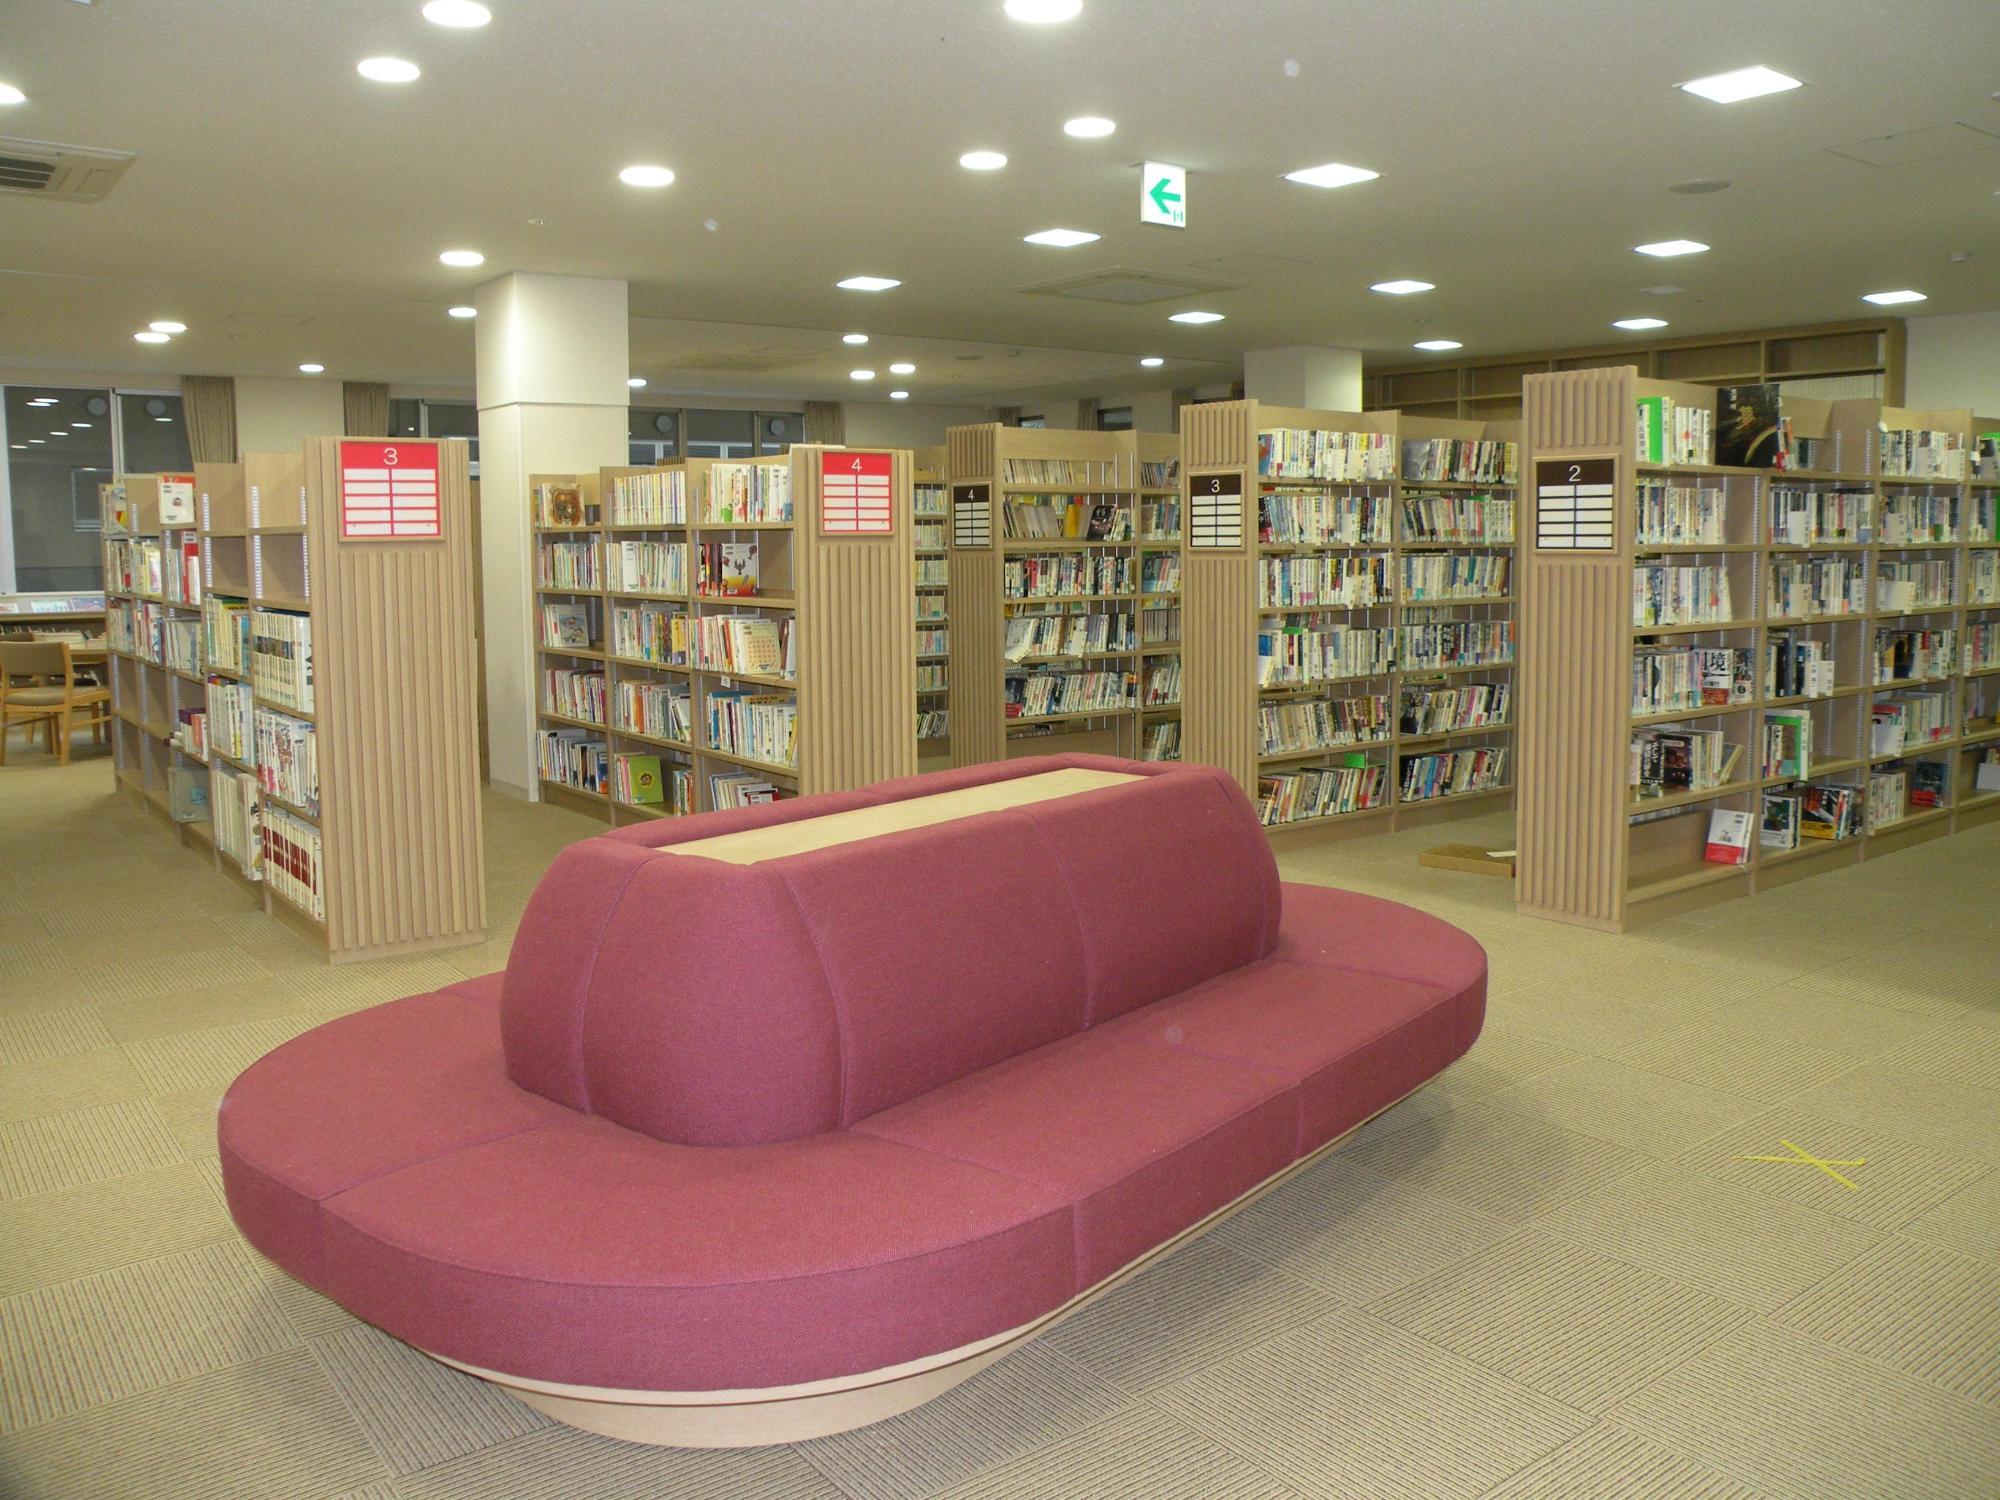 大和 市 図書館 検索